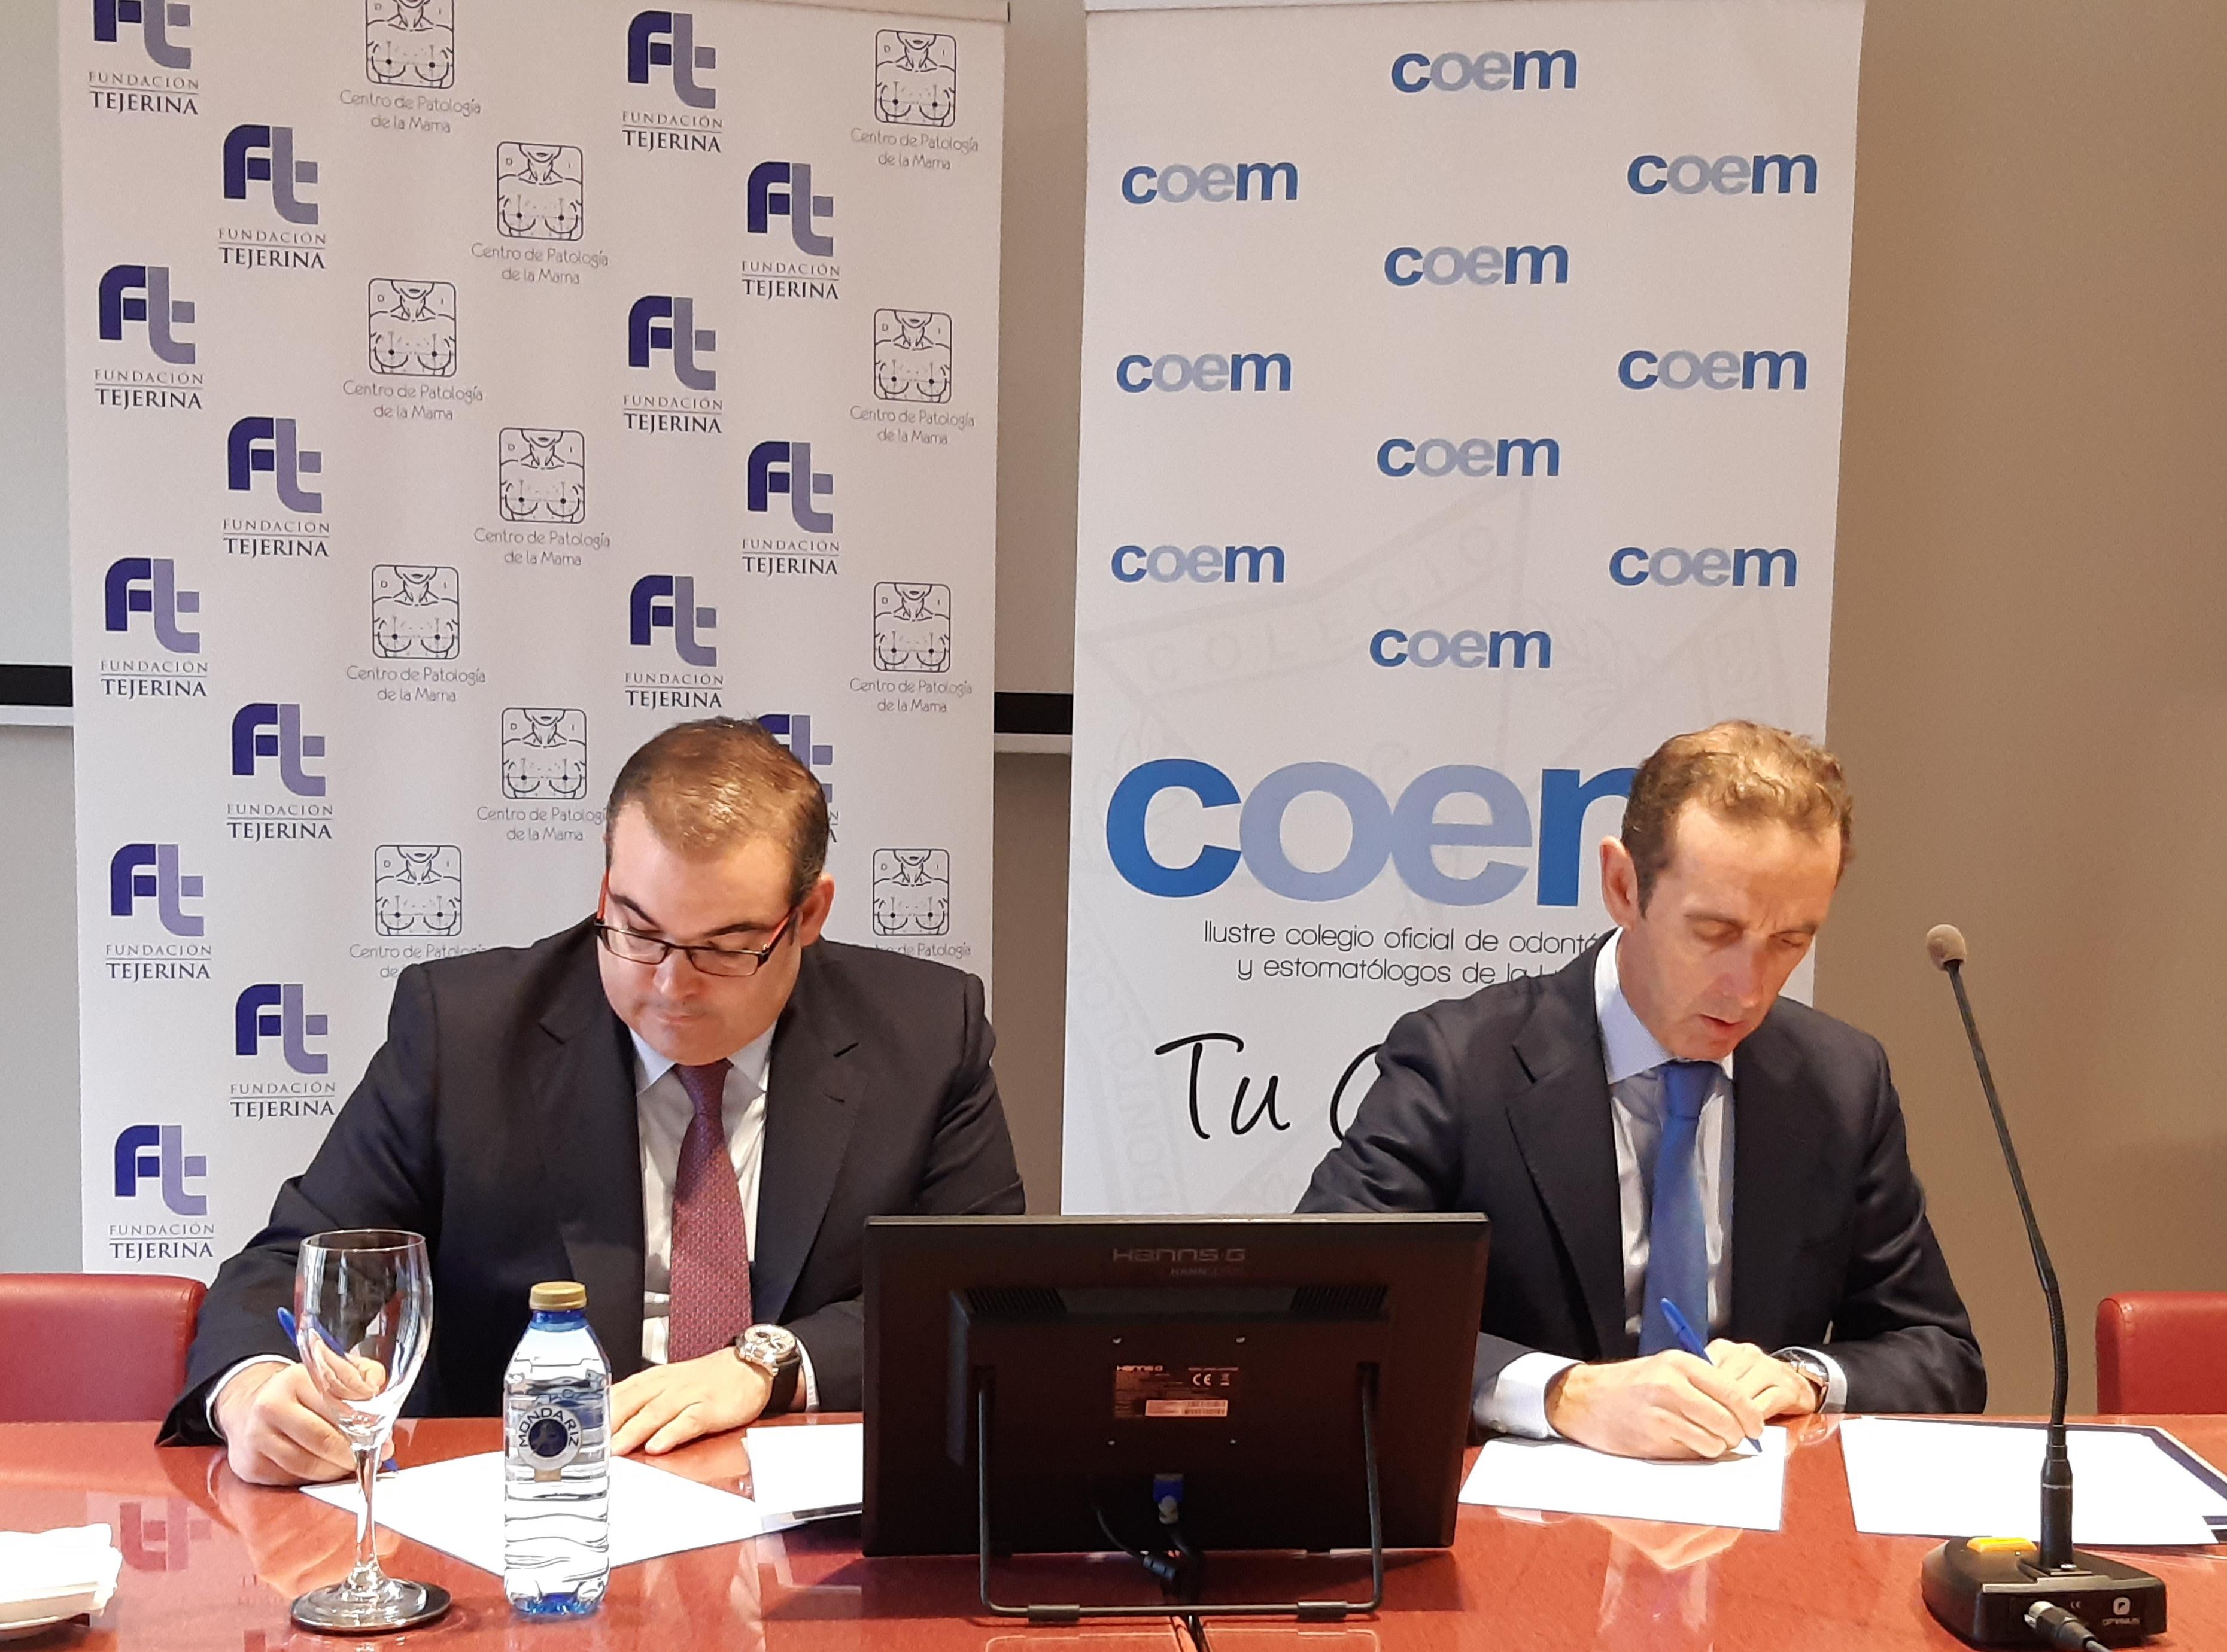 El doctor Antonio Tejerina y el doctor Antonio Montero firman el convenio de colaboración entre la Fundaicón Tejerina y COEM